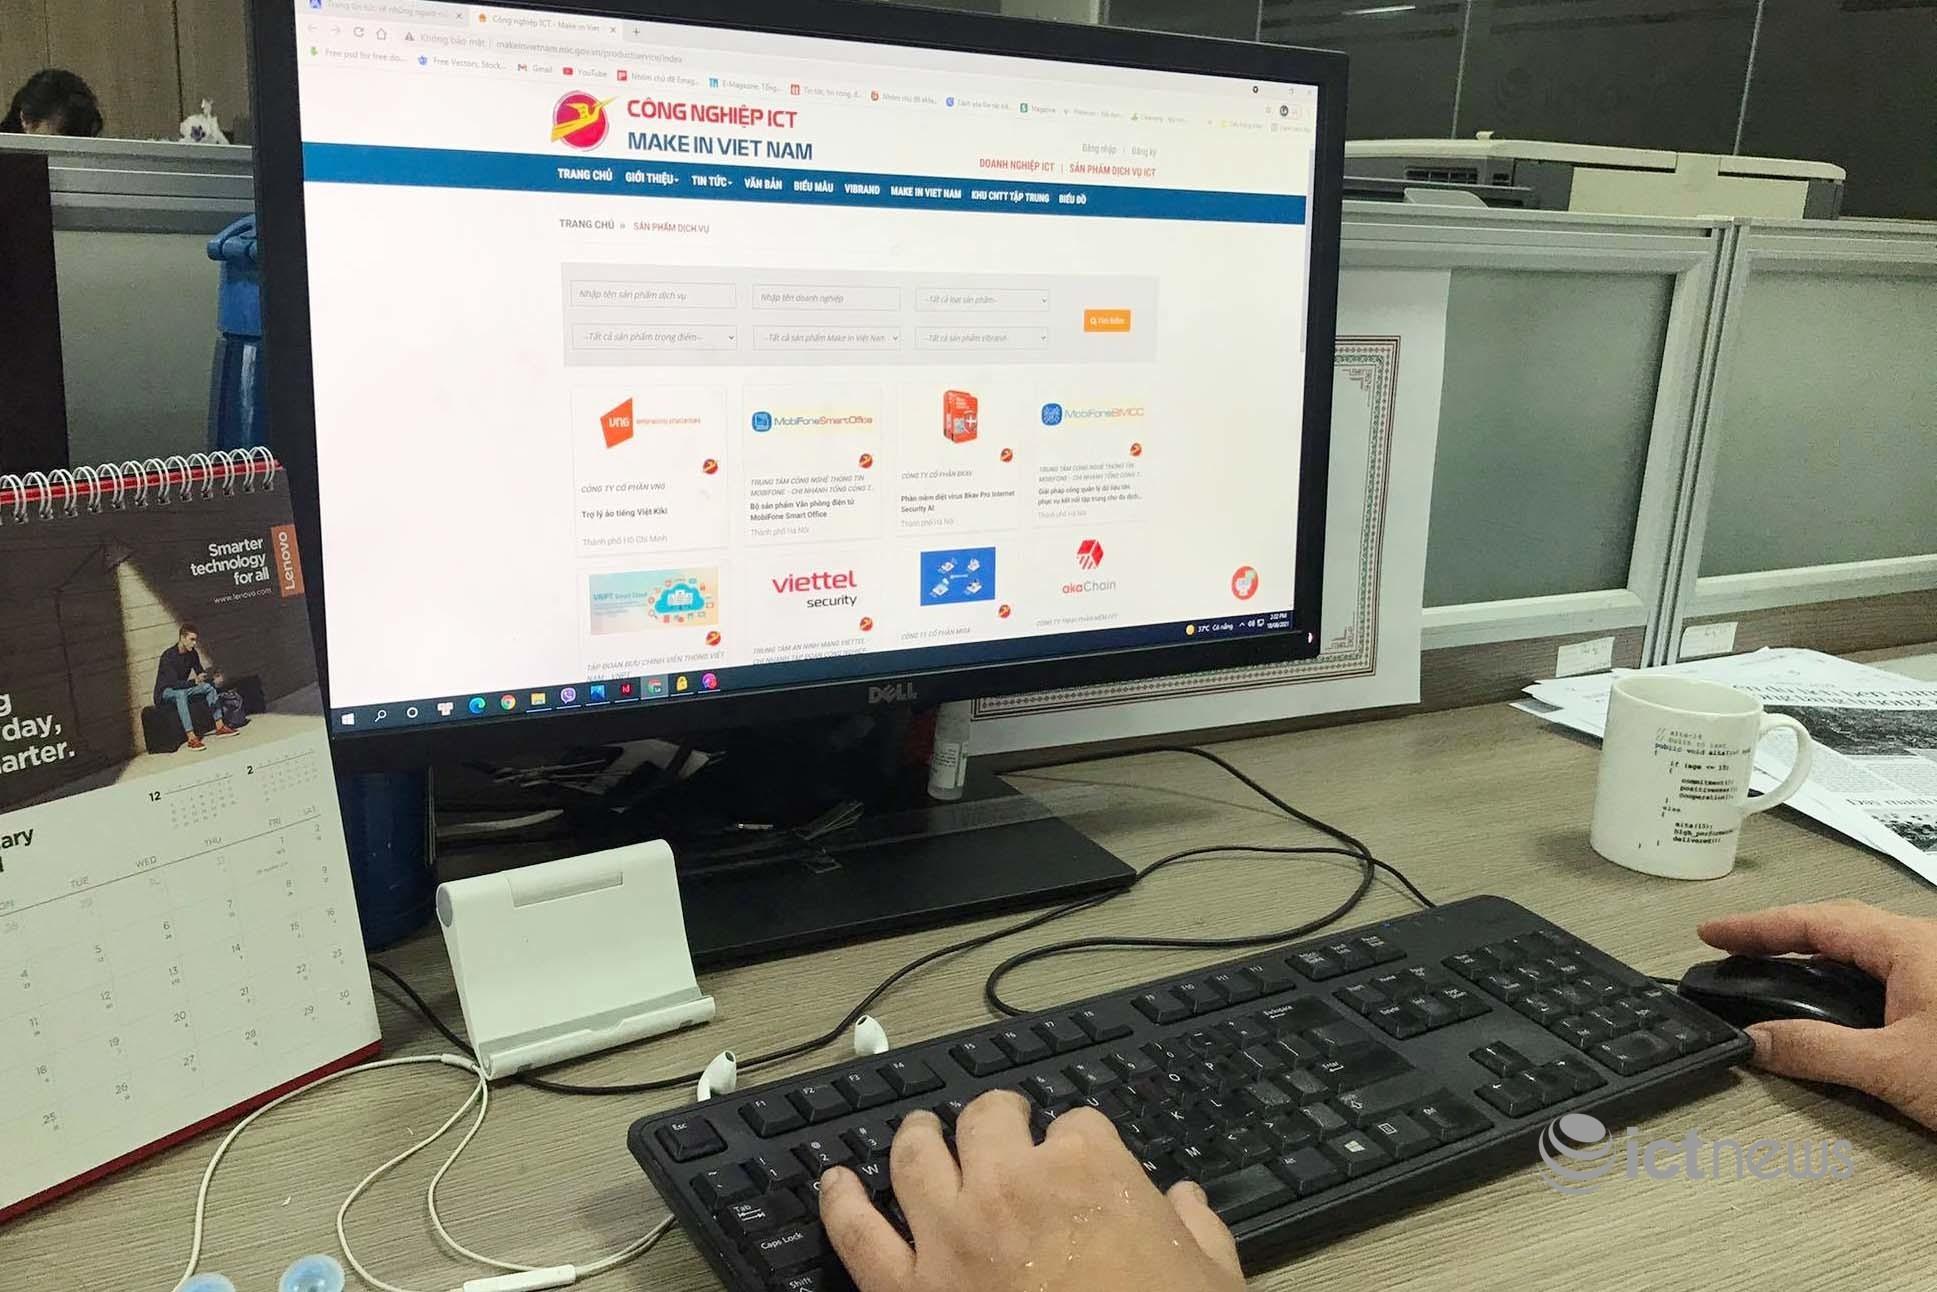 Công bố hệ thống cơ sở dữ liệu công nghiệp ICT Make in Vietnam